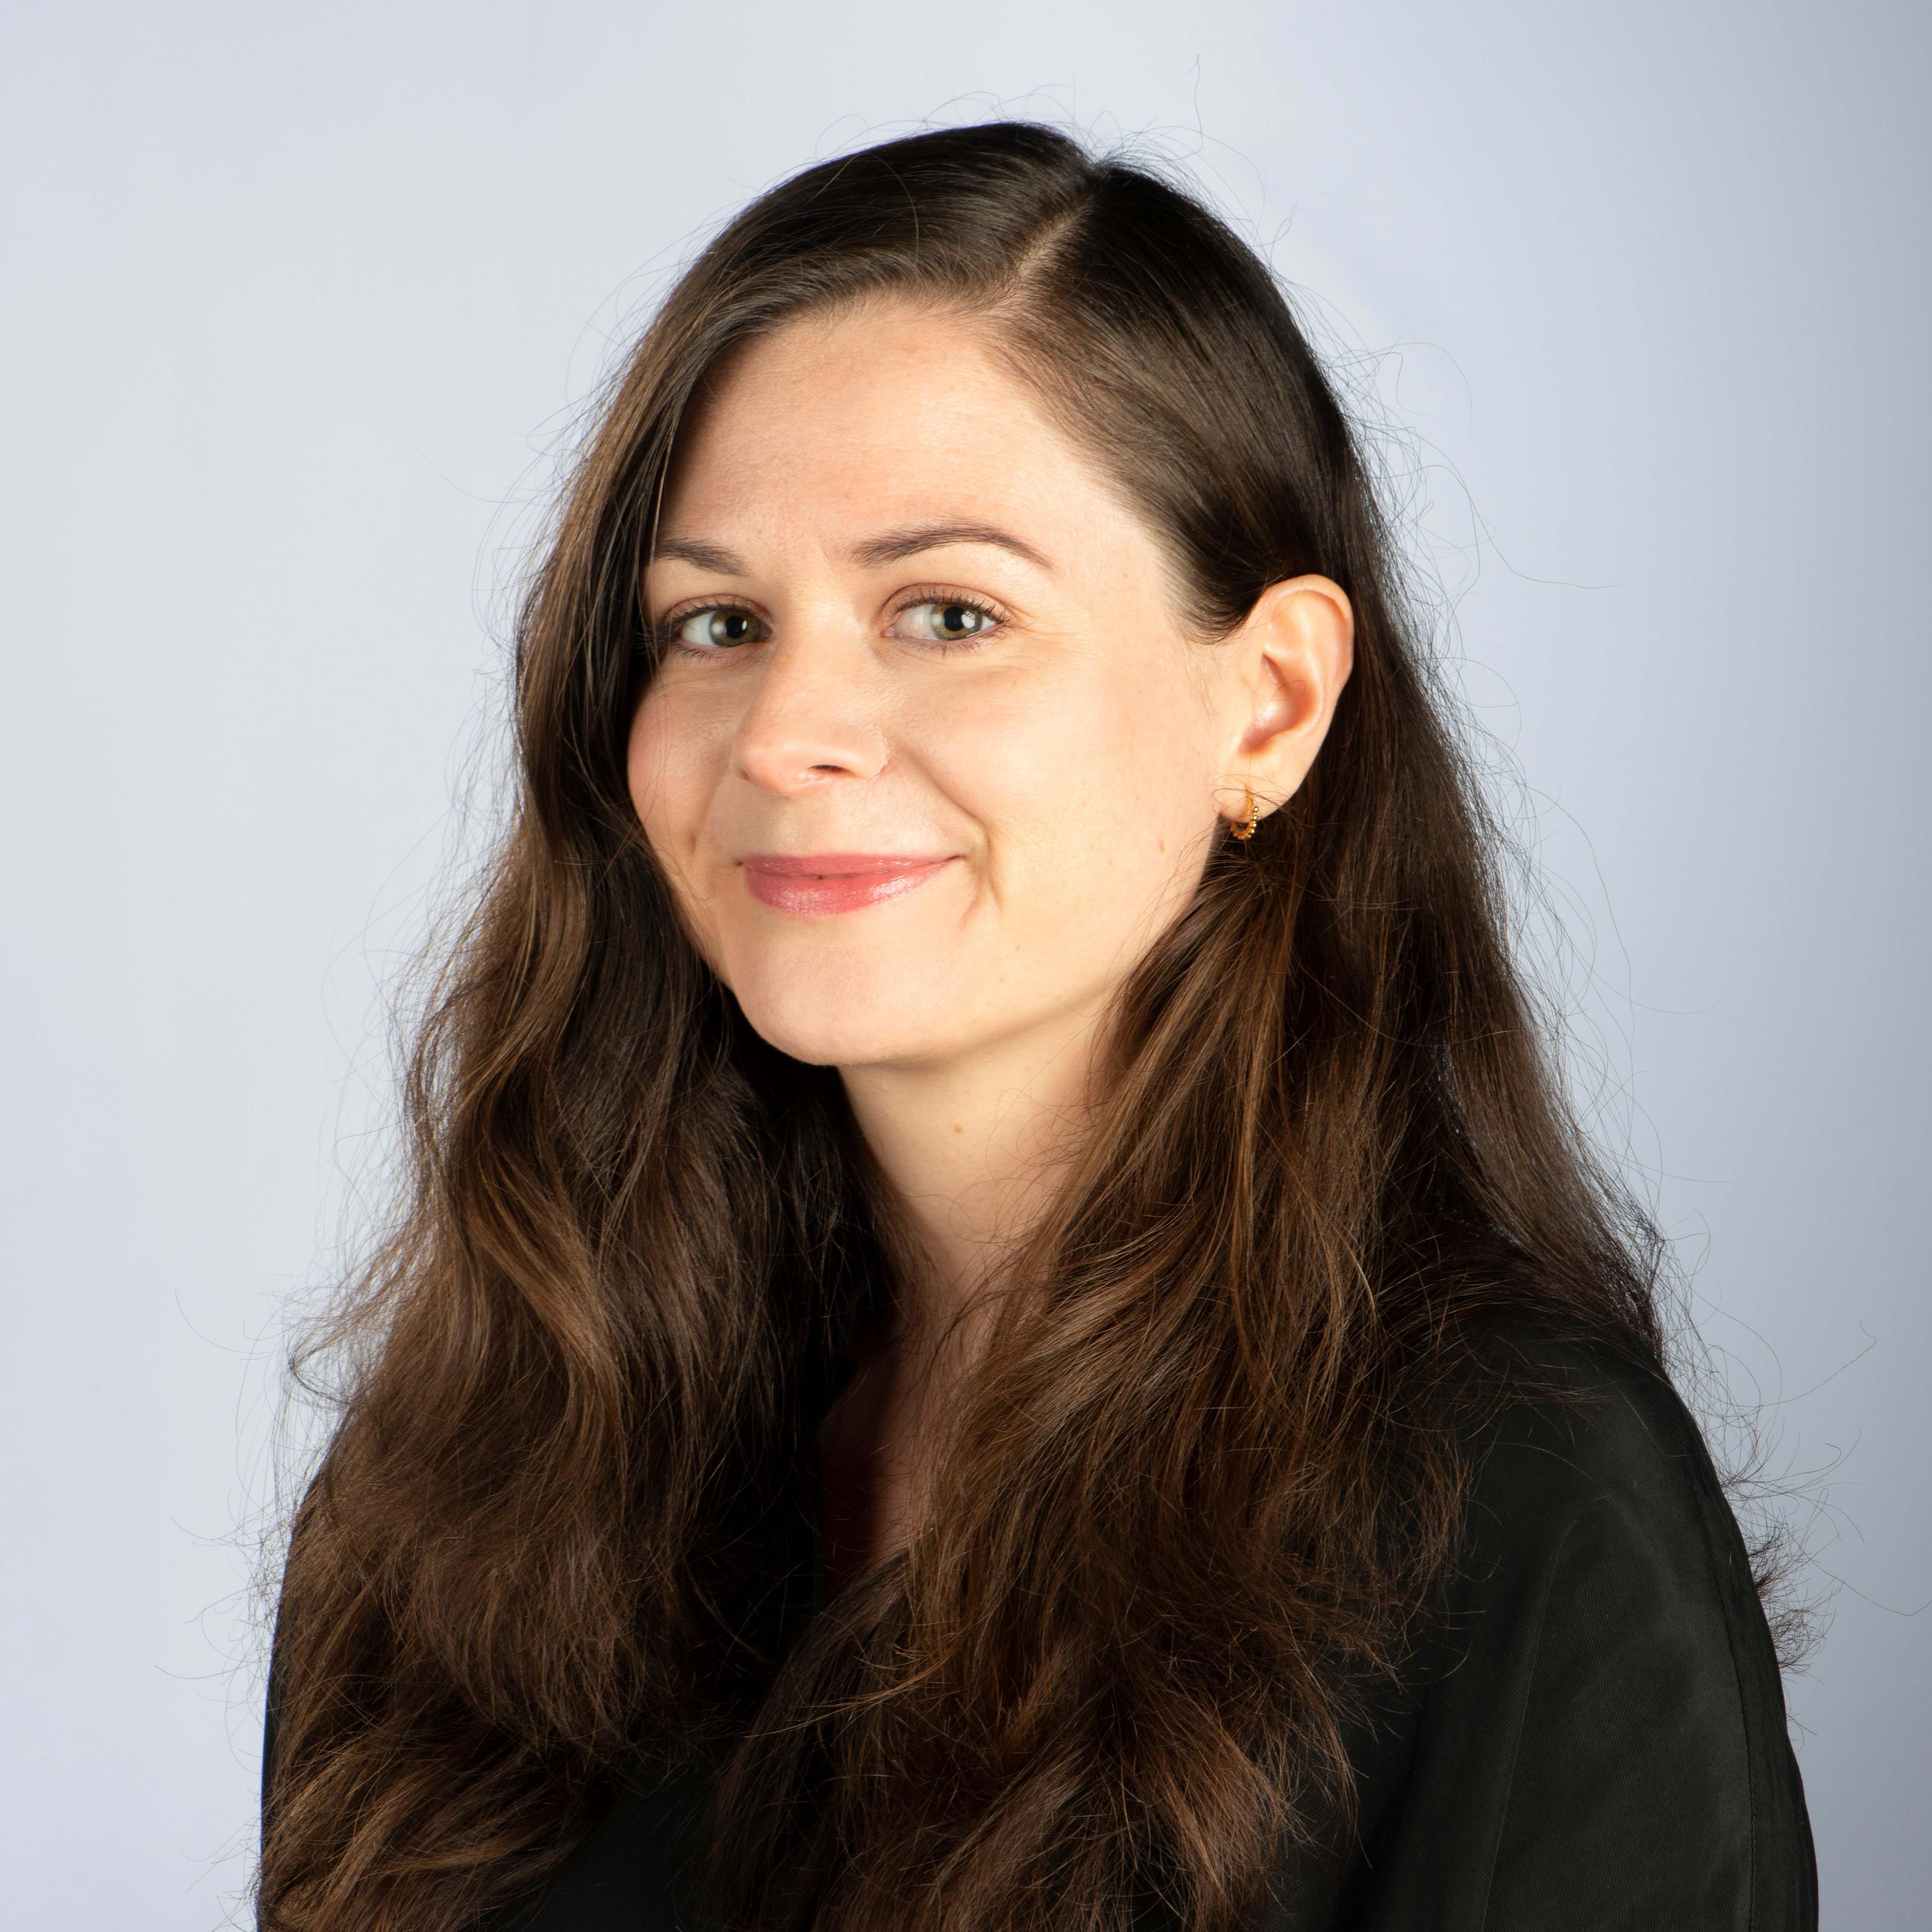 Sarah Fux